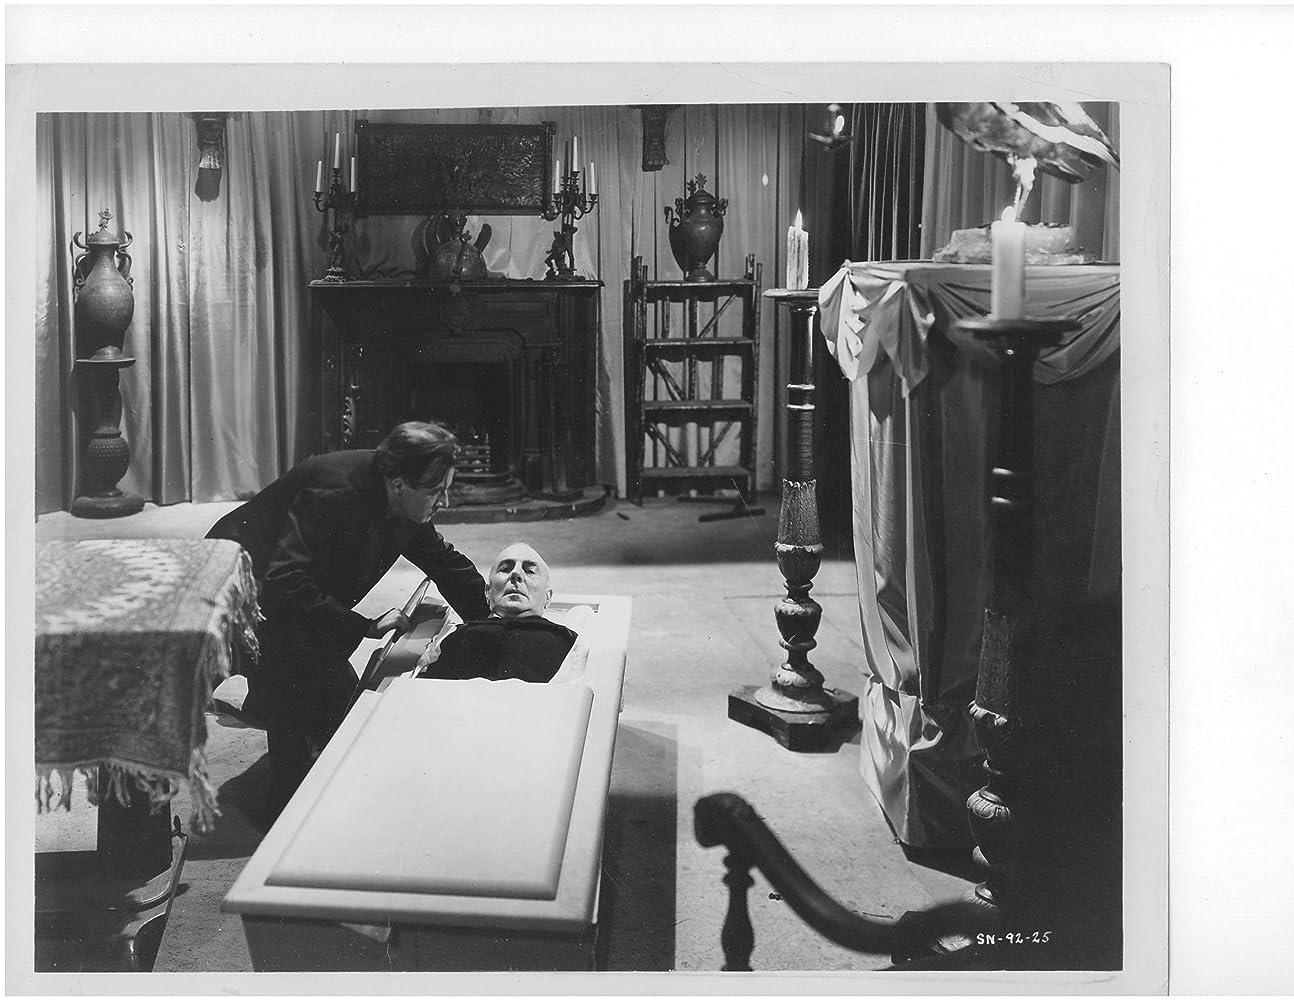 Dwight Frye and George Zucco in Dead Men Walk (1943)